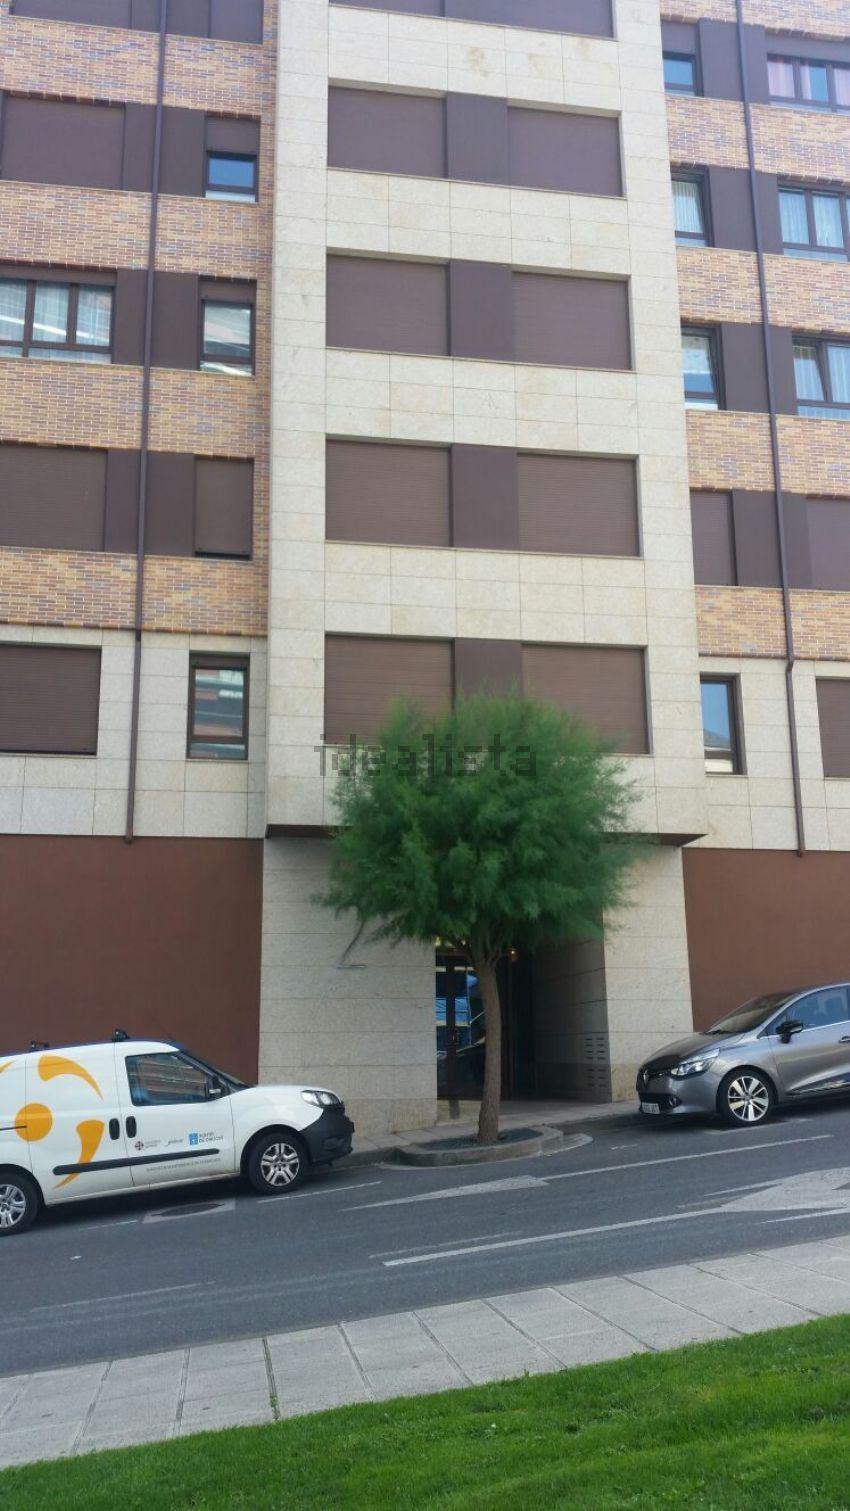 Piso en calle Rof Carballo Humanista, Lugo, 2, Catasol - Sanxillao, Lugo